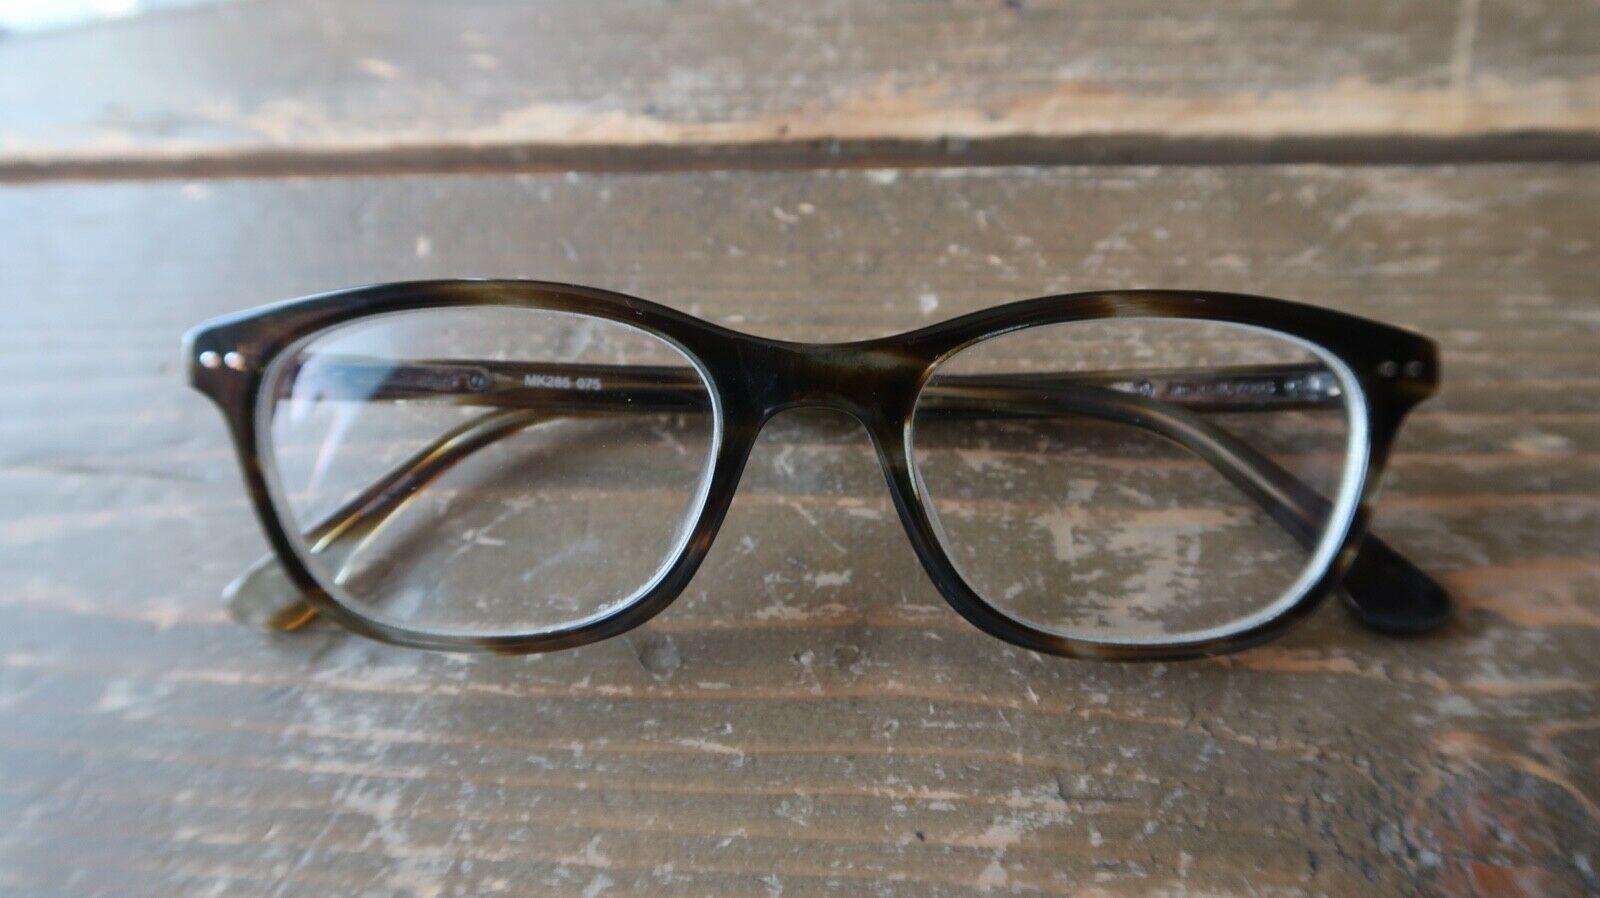 Michael Kors MK285 50 19-140 Eyeglasses Frames